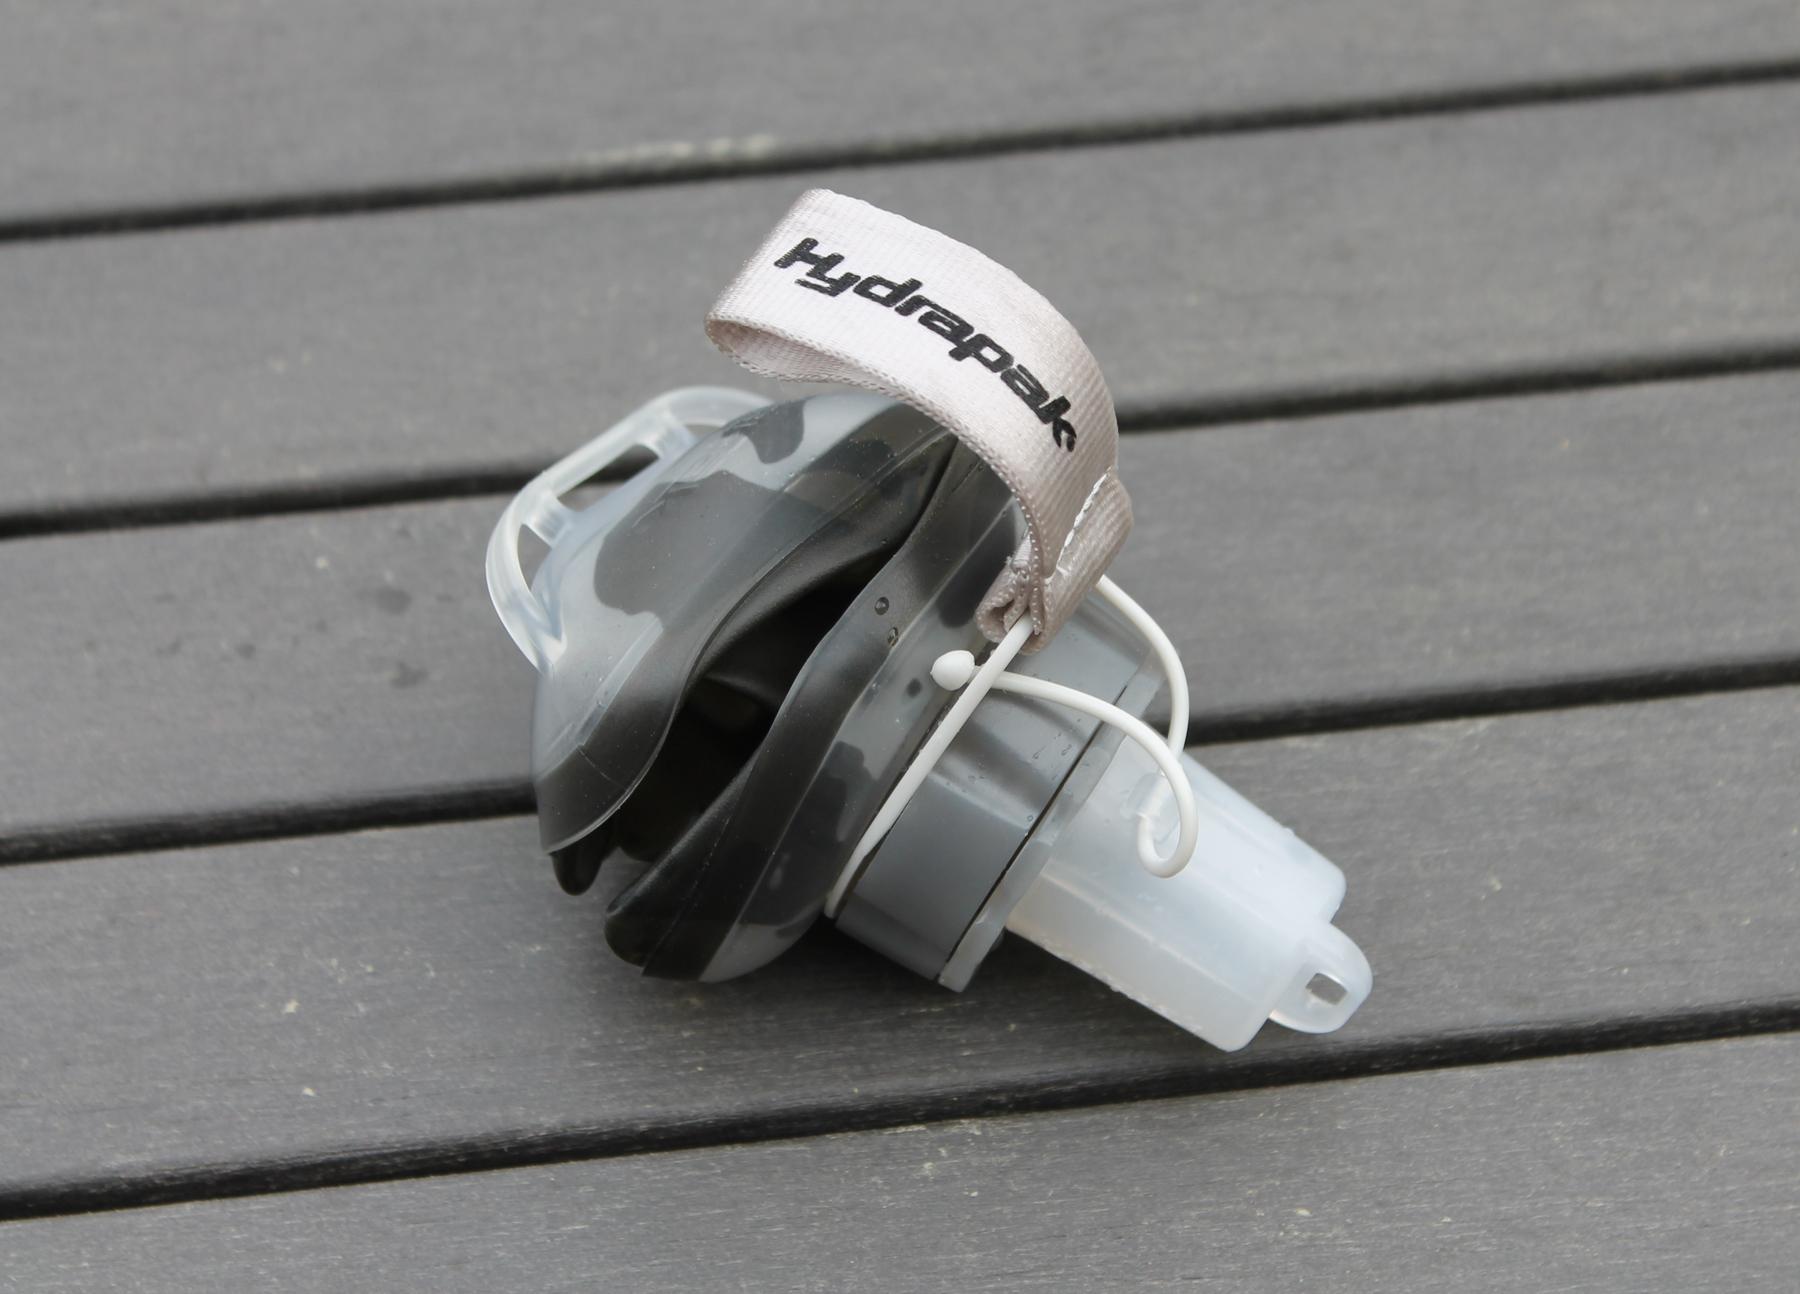 Hydrapak SoftFlask 500